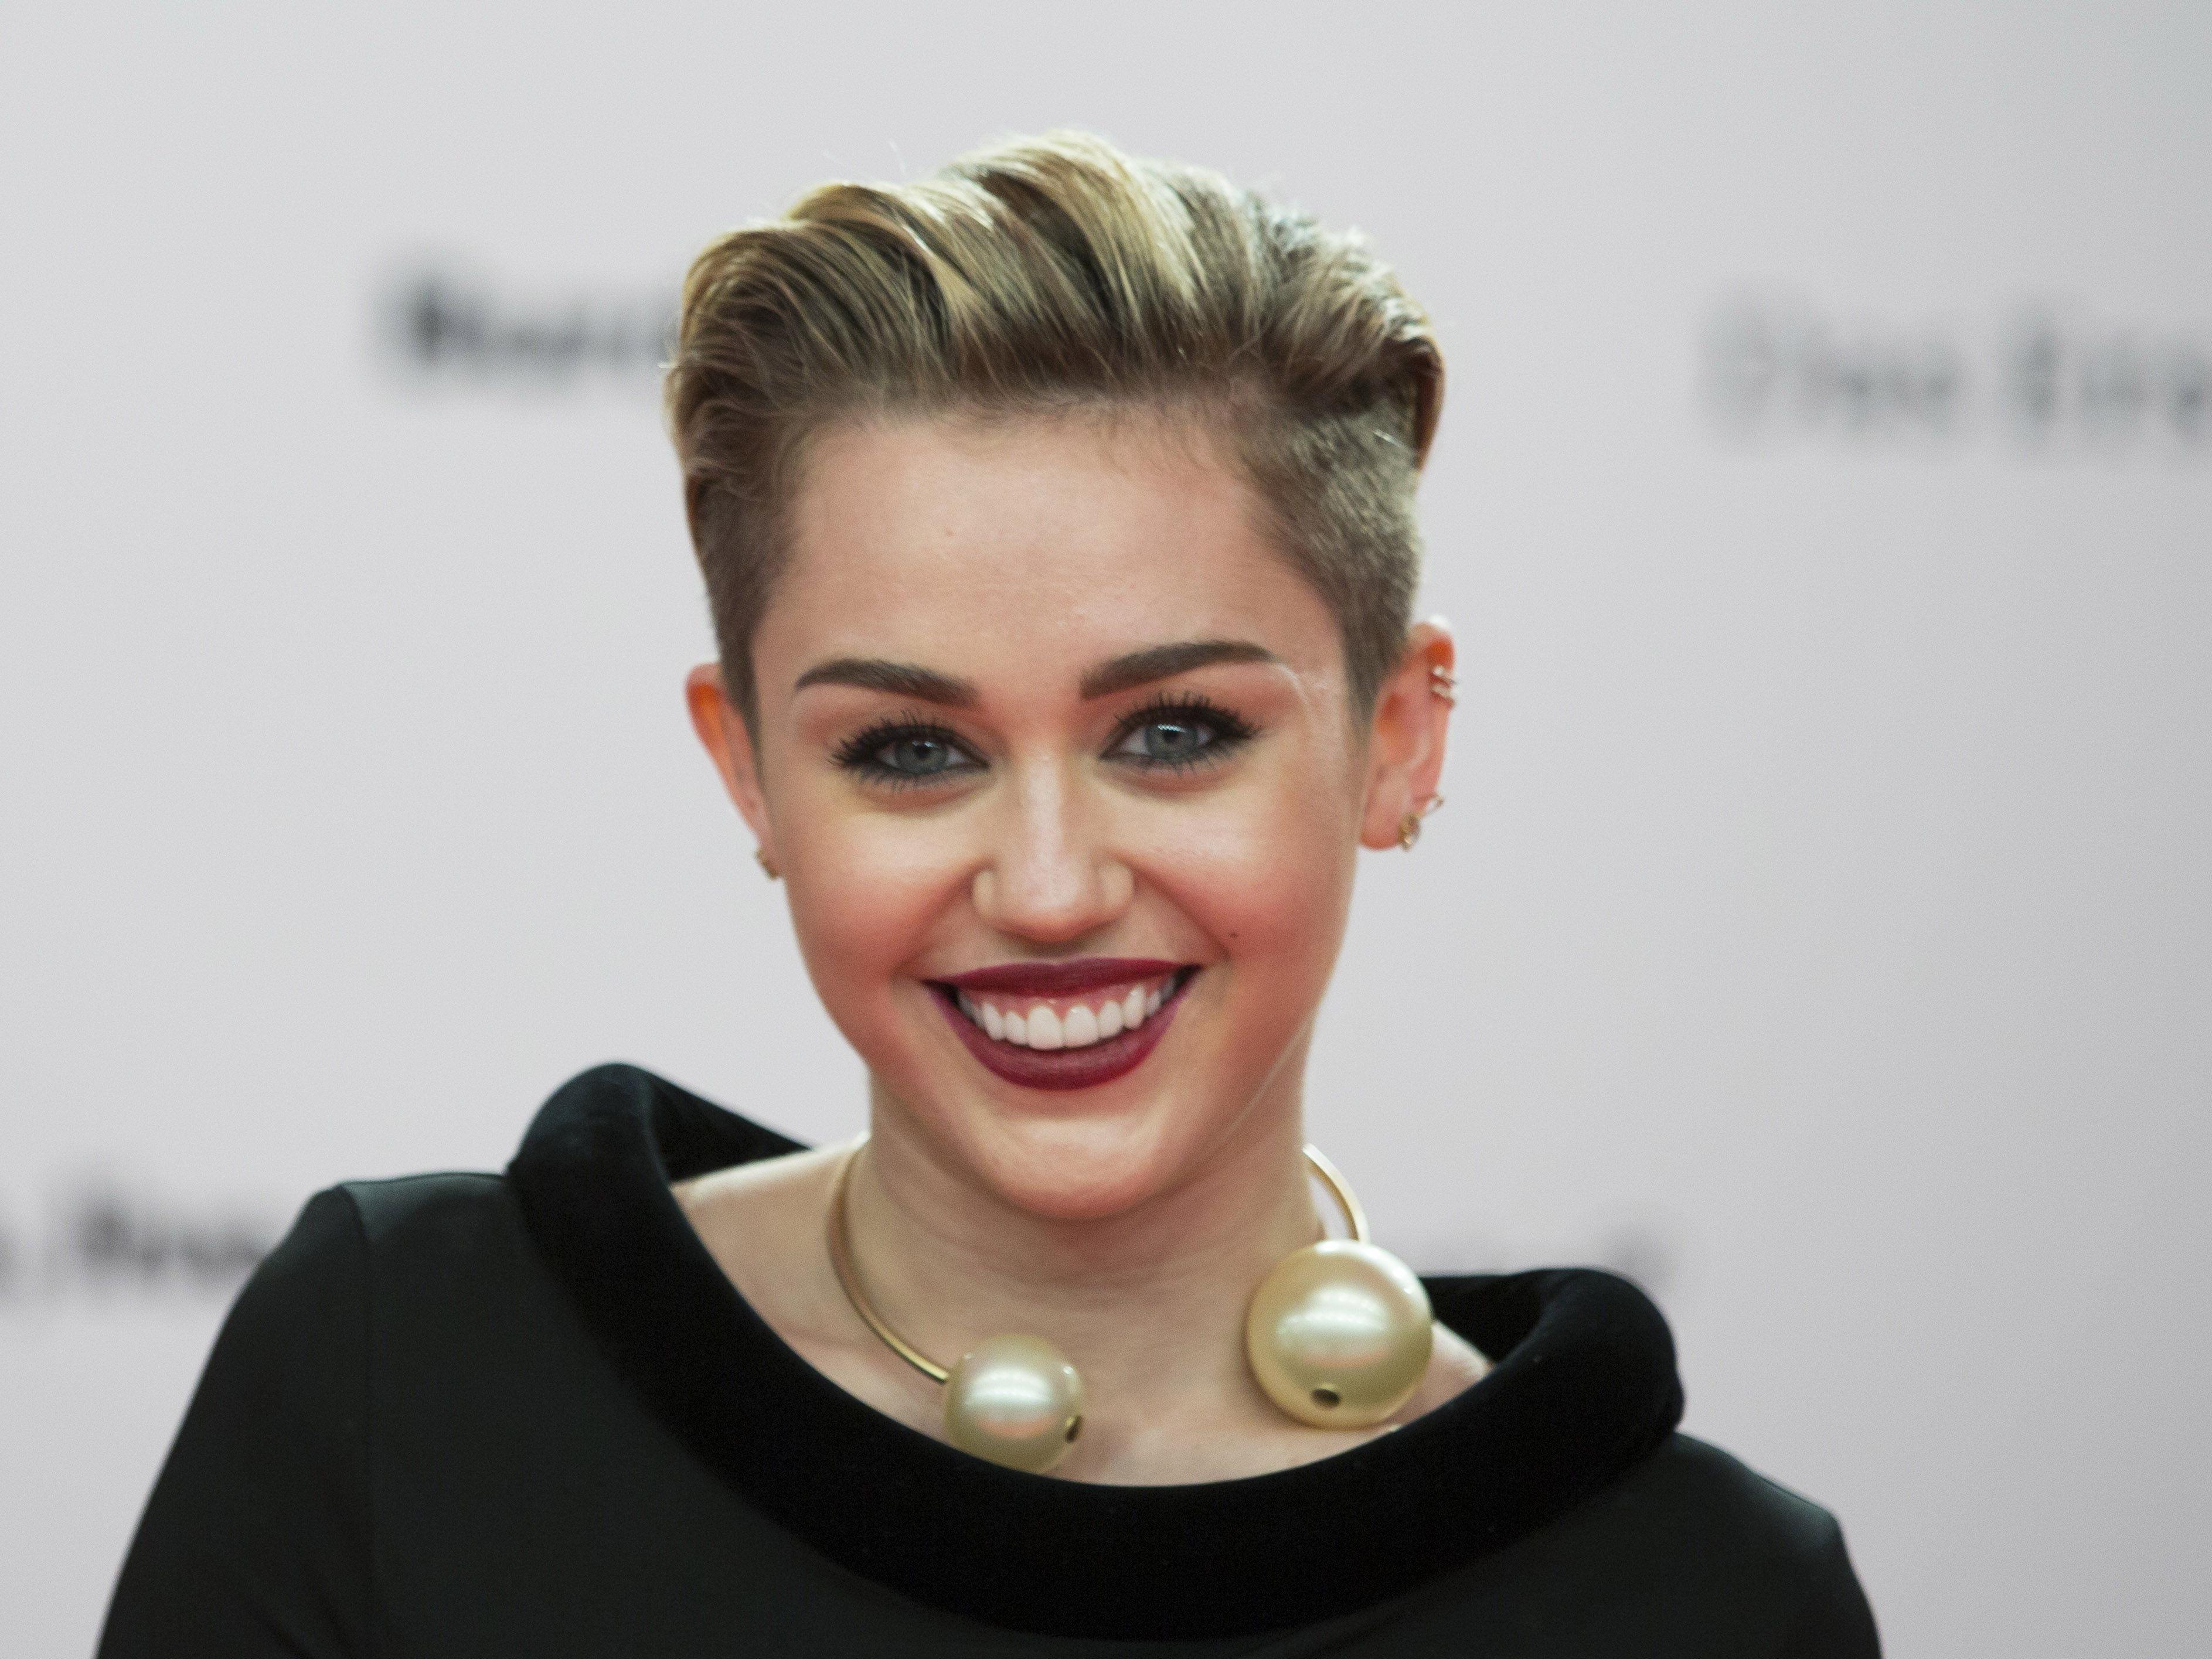 Bei Miley Cyrus wurde eingebrochen, und das an ihrem Geburtstag.